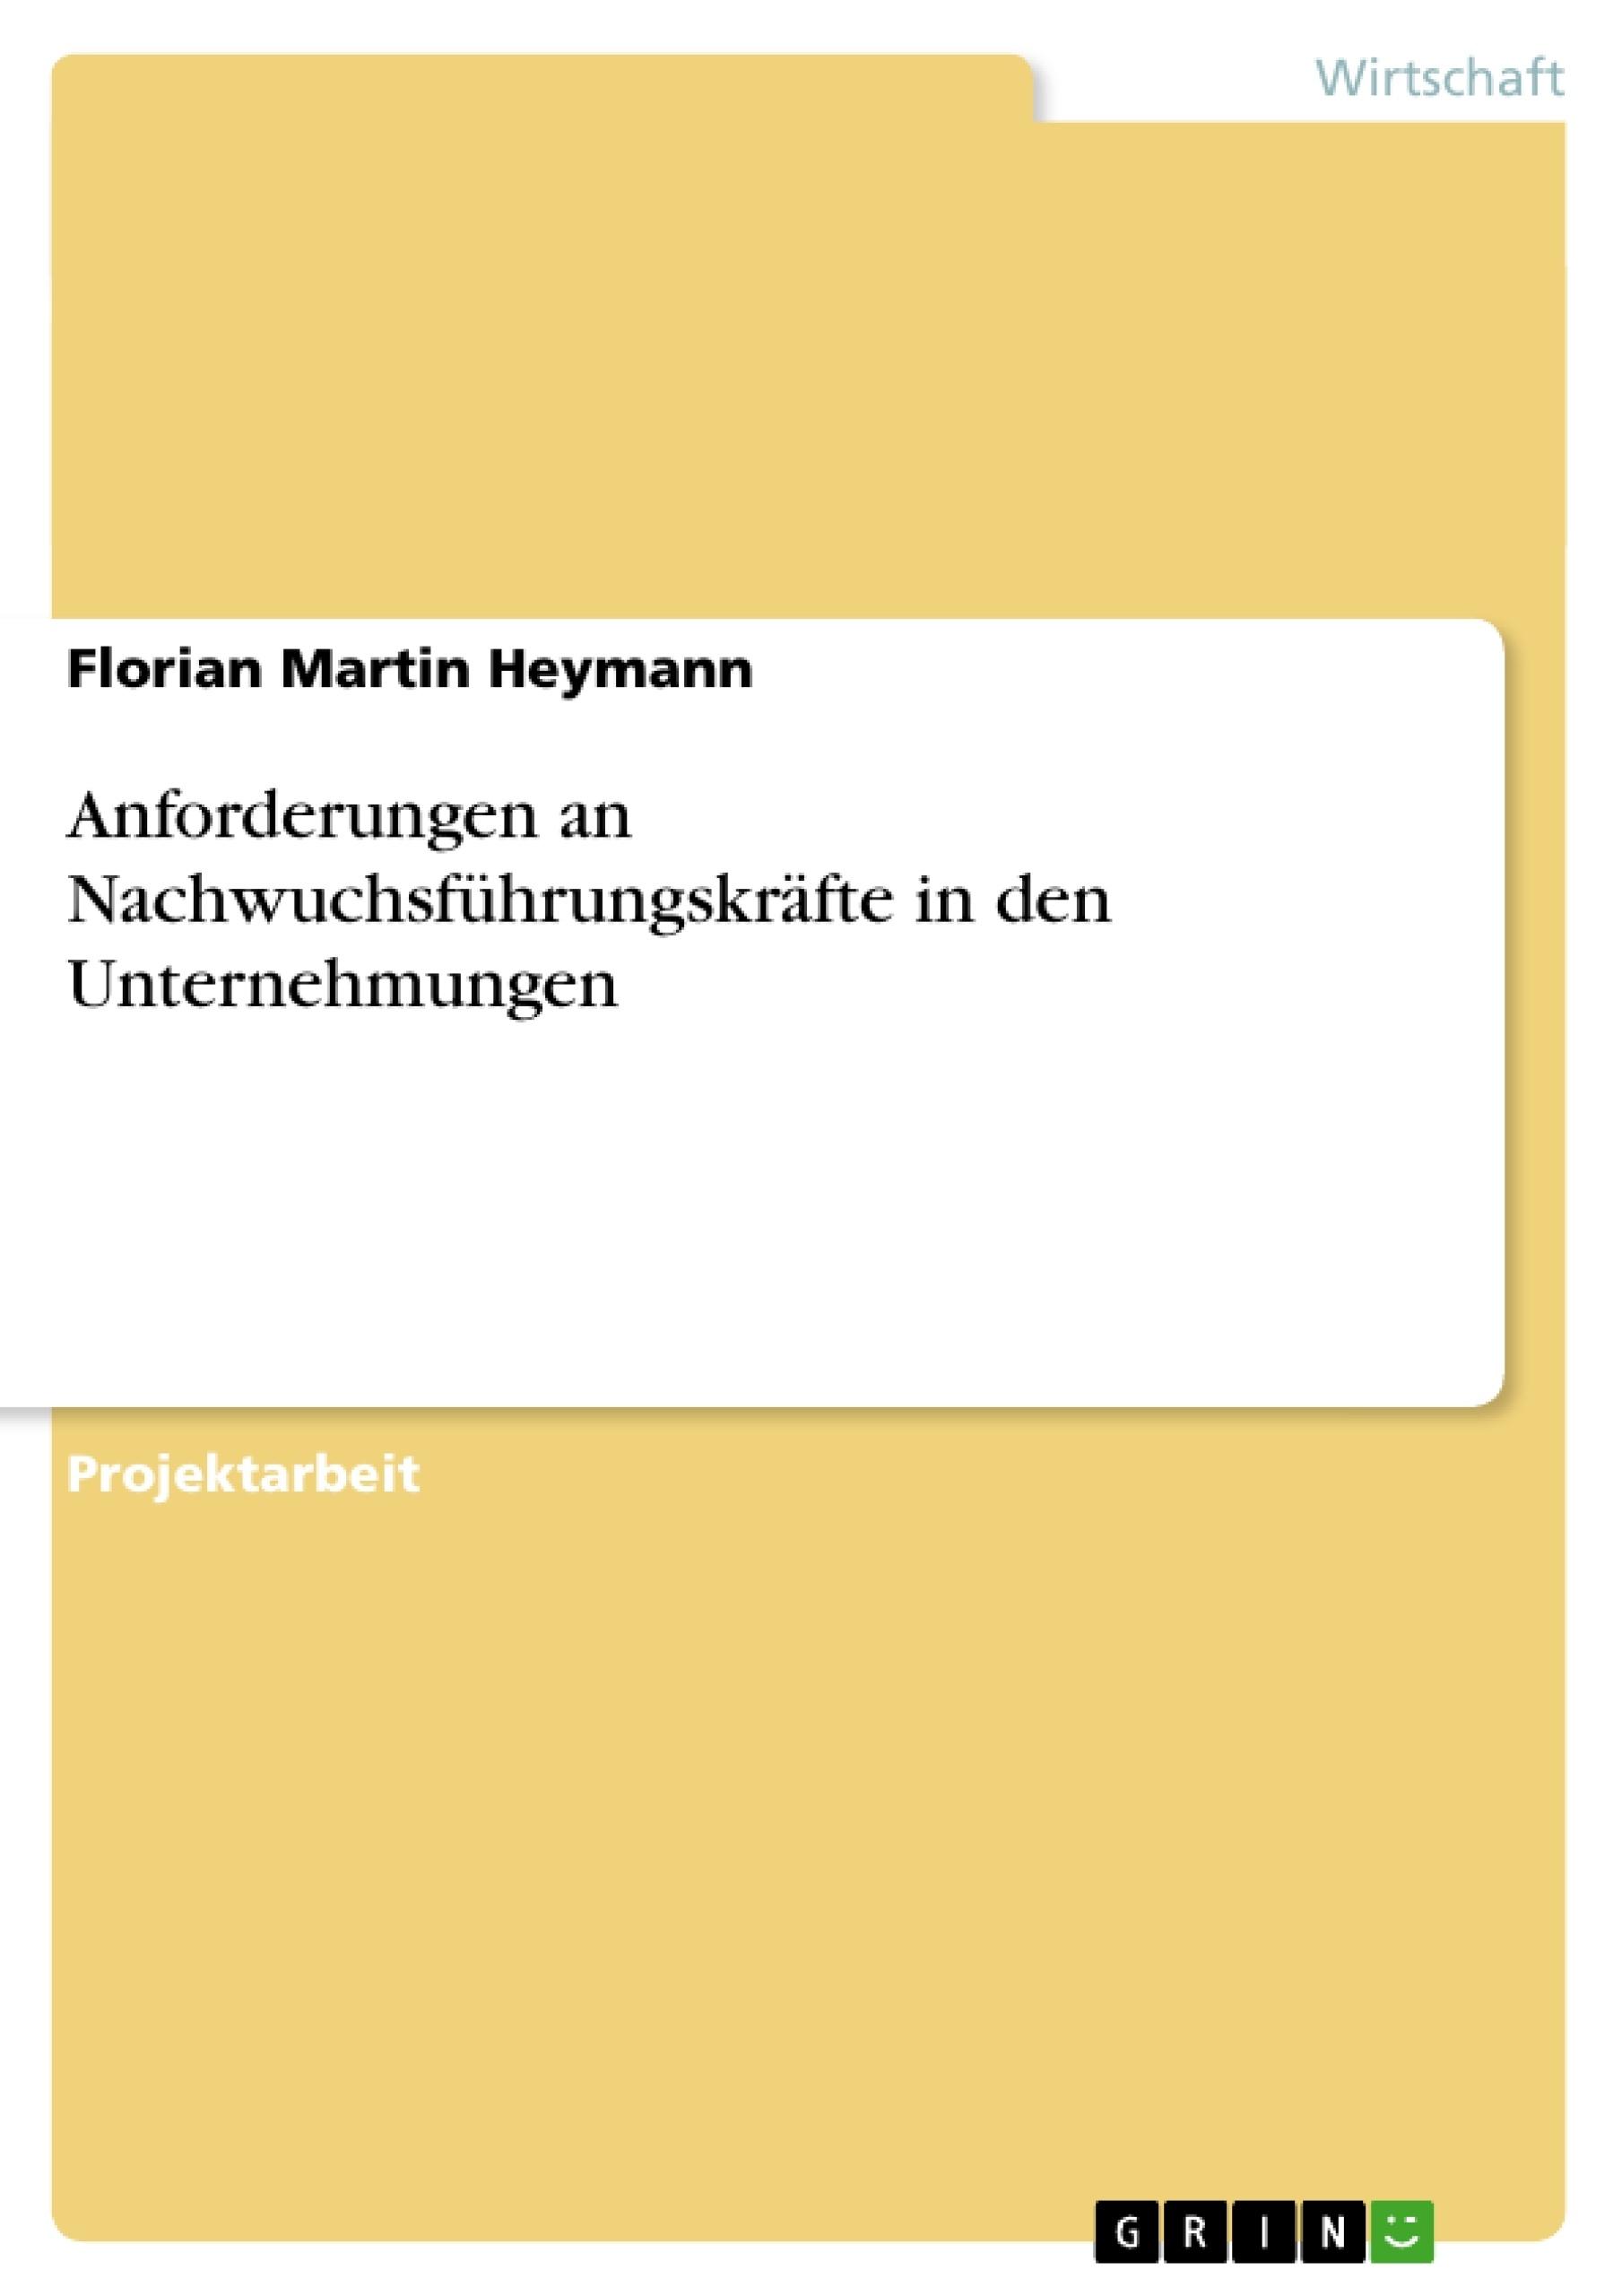 Titel: Anforderungen an Nachwuchsführungskräfte in den Unternehmungen